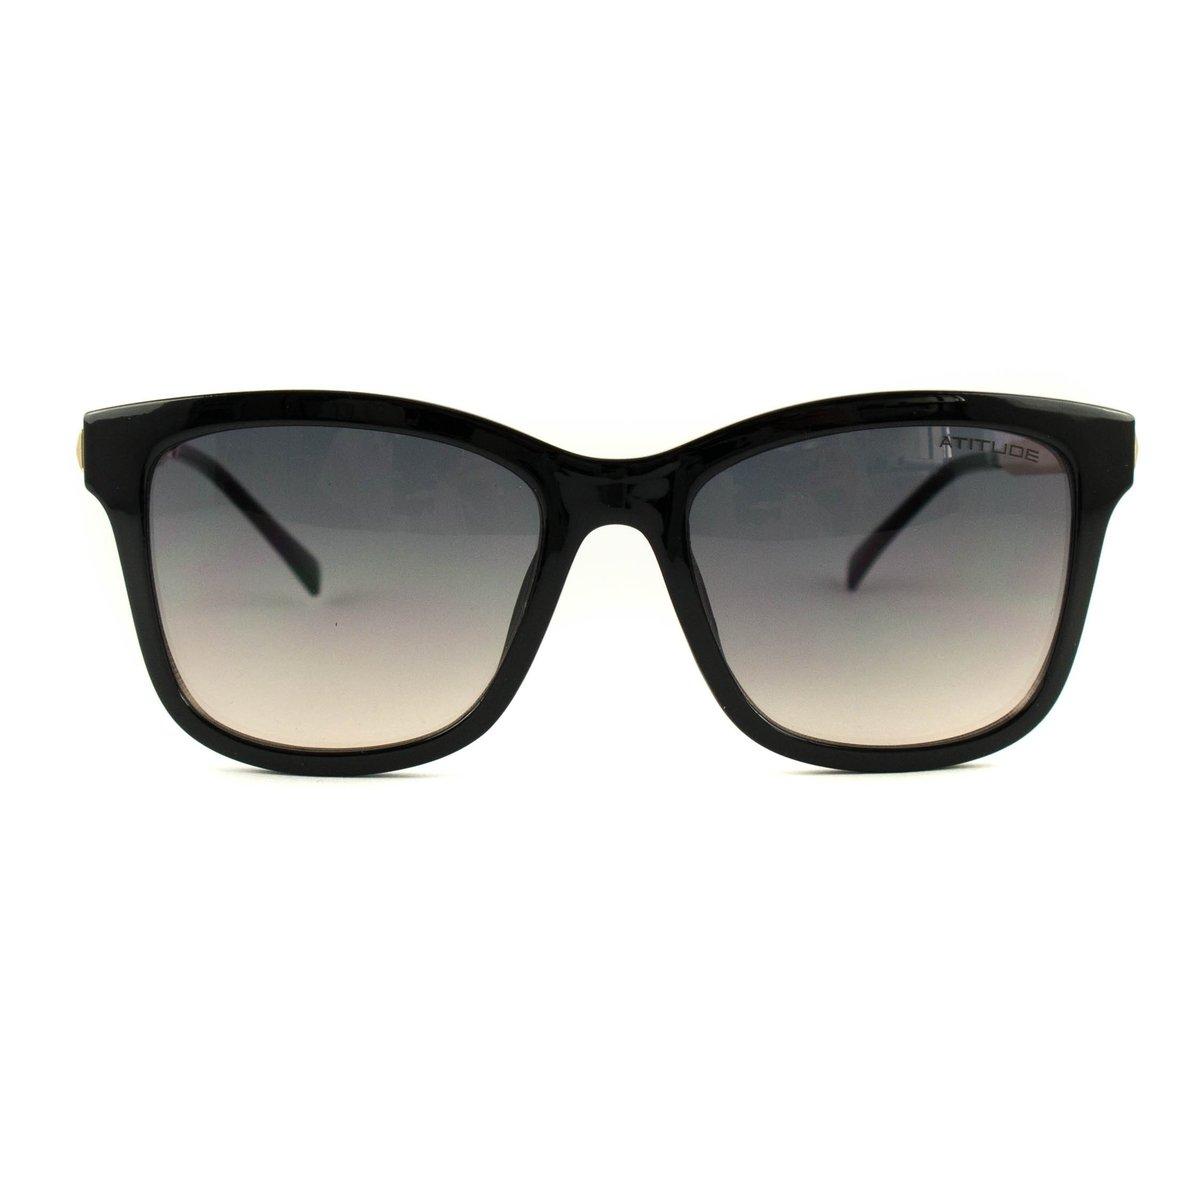 Óculos Atitude - AT5280 T01 - Preto - Compre Agora   Zattini e717a1c34e